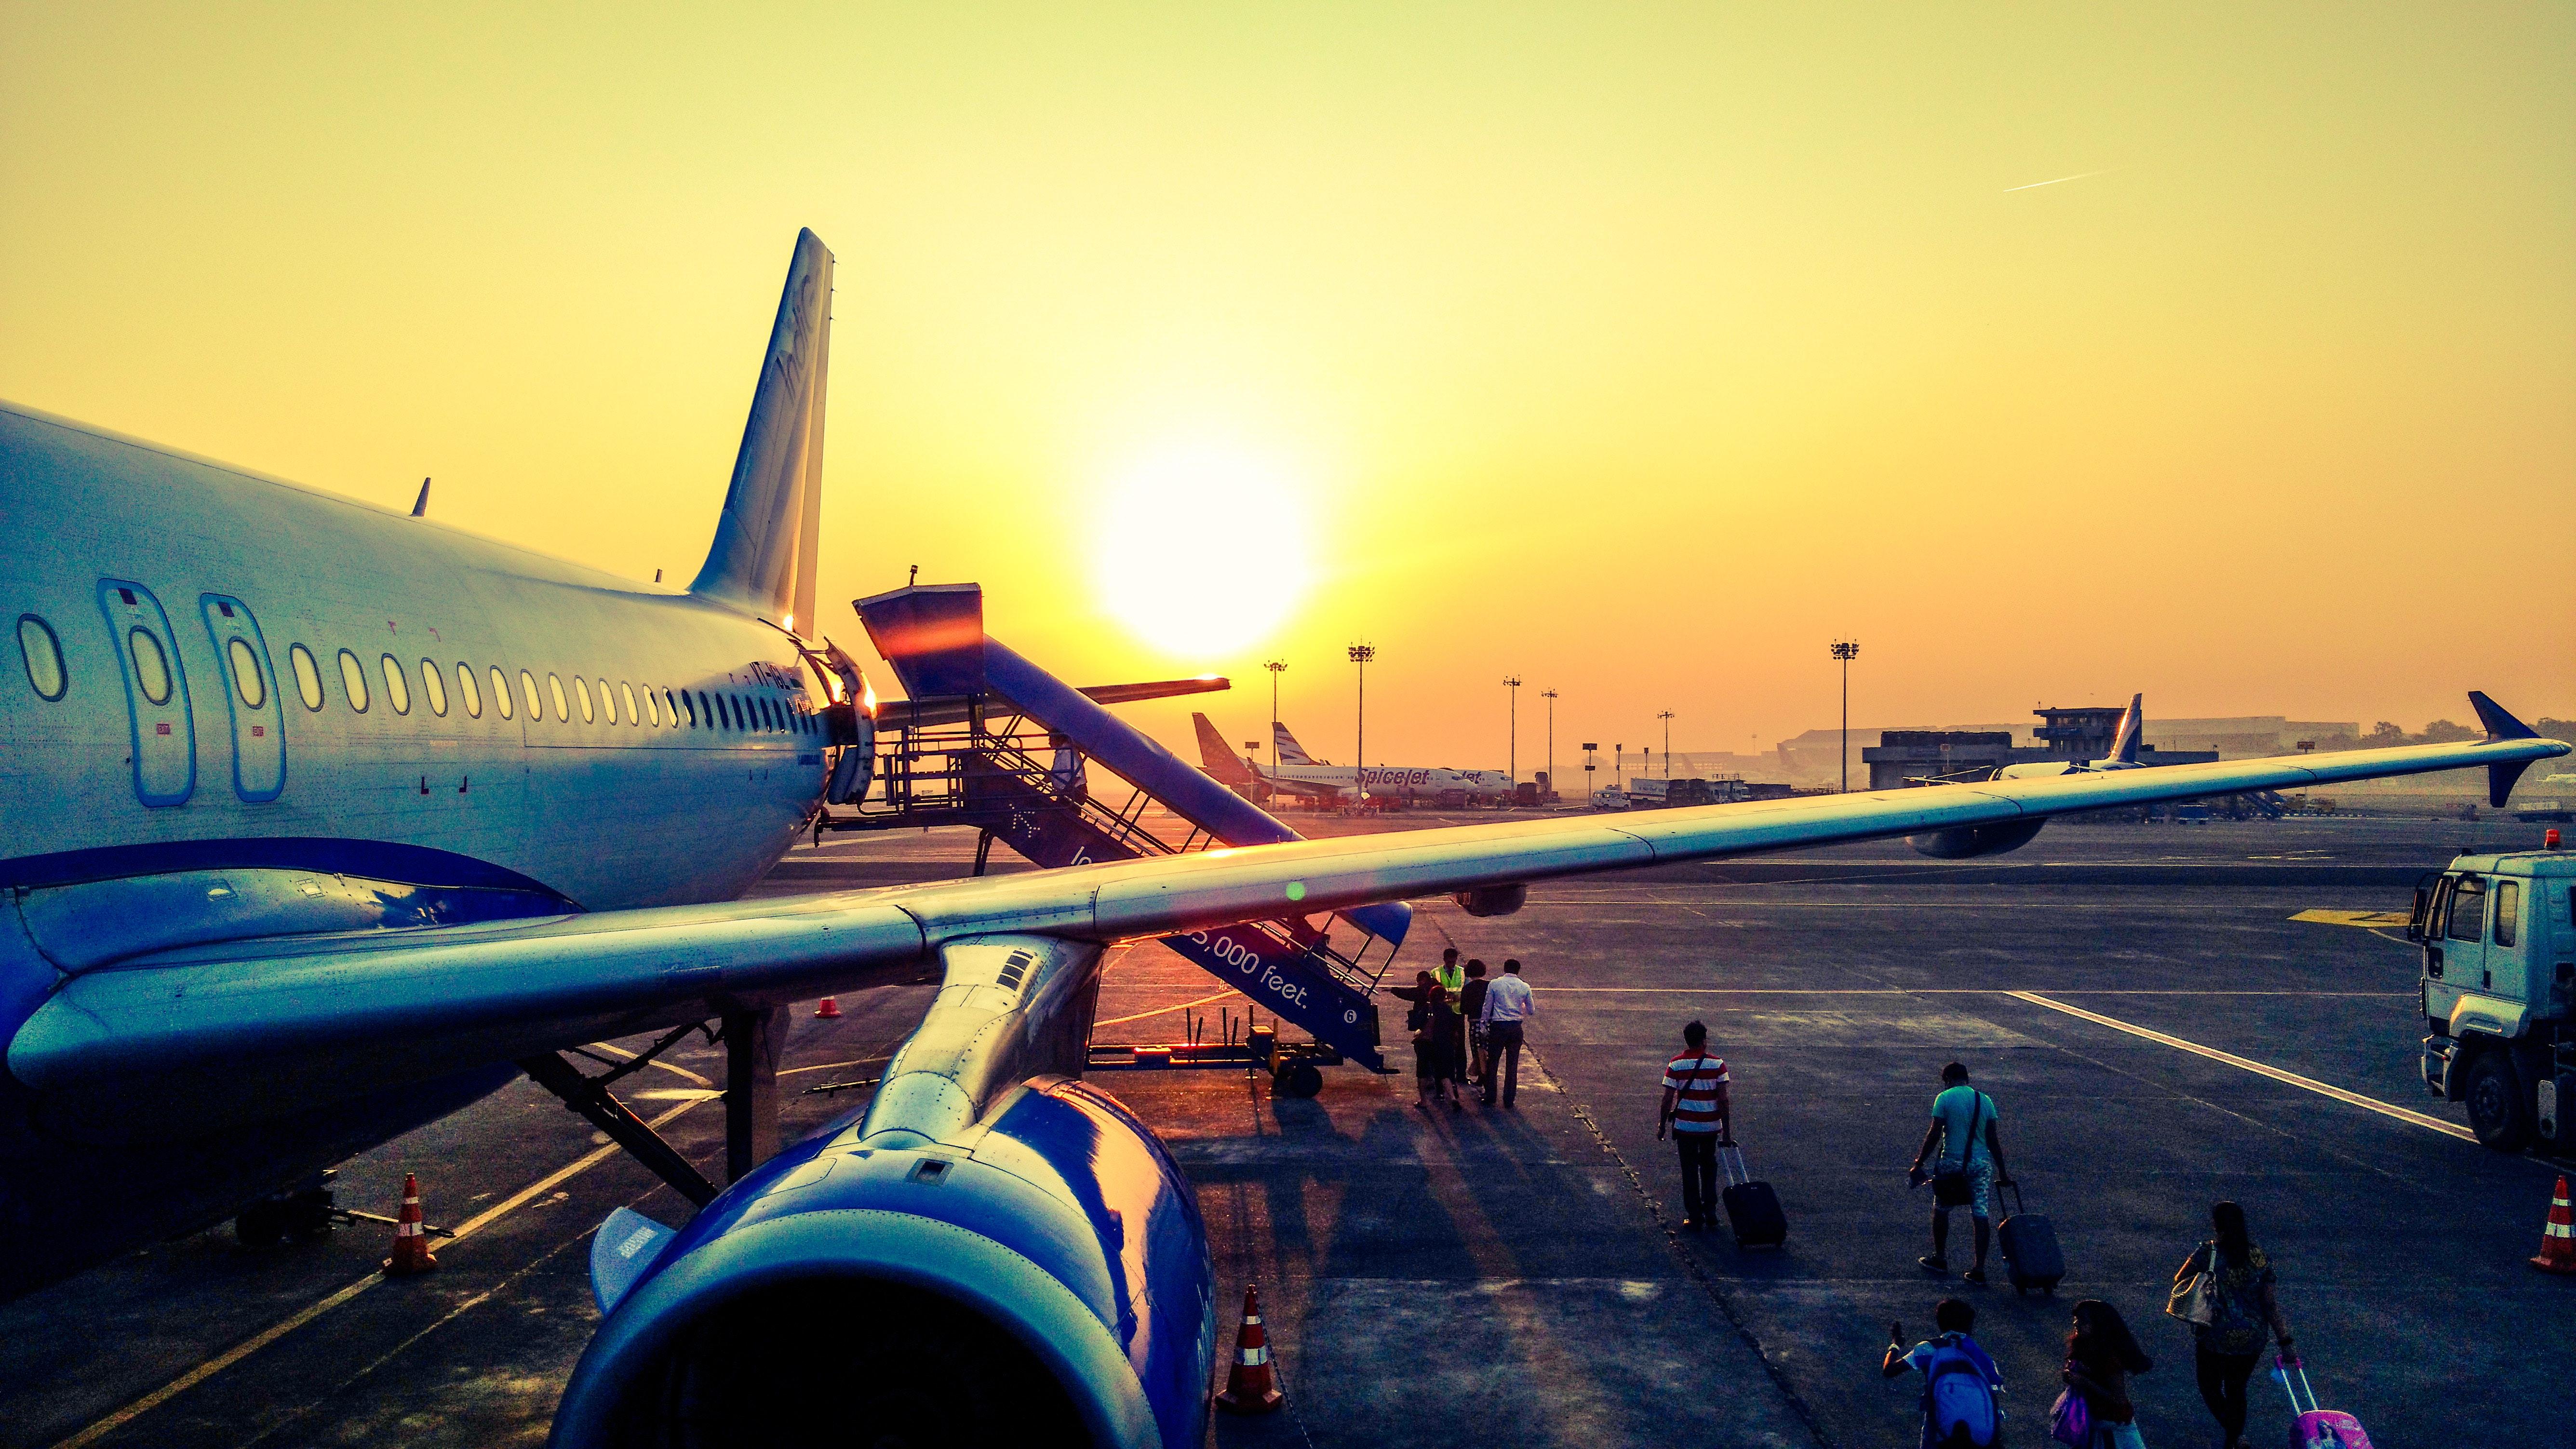 Påstigning til et fly.